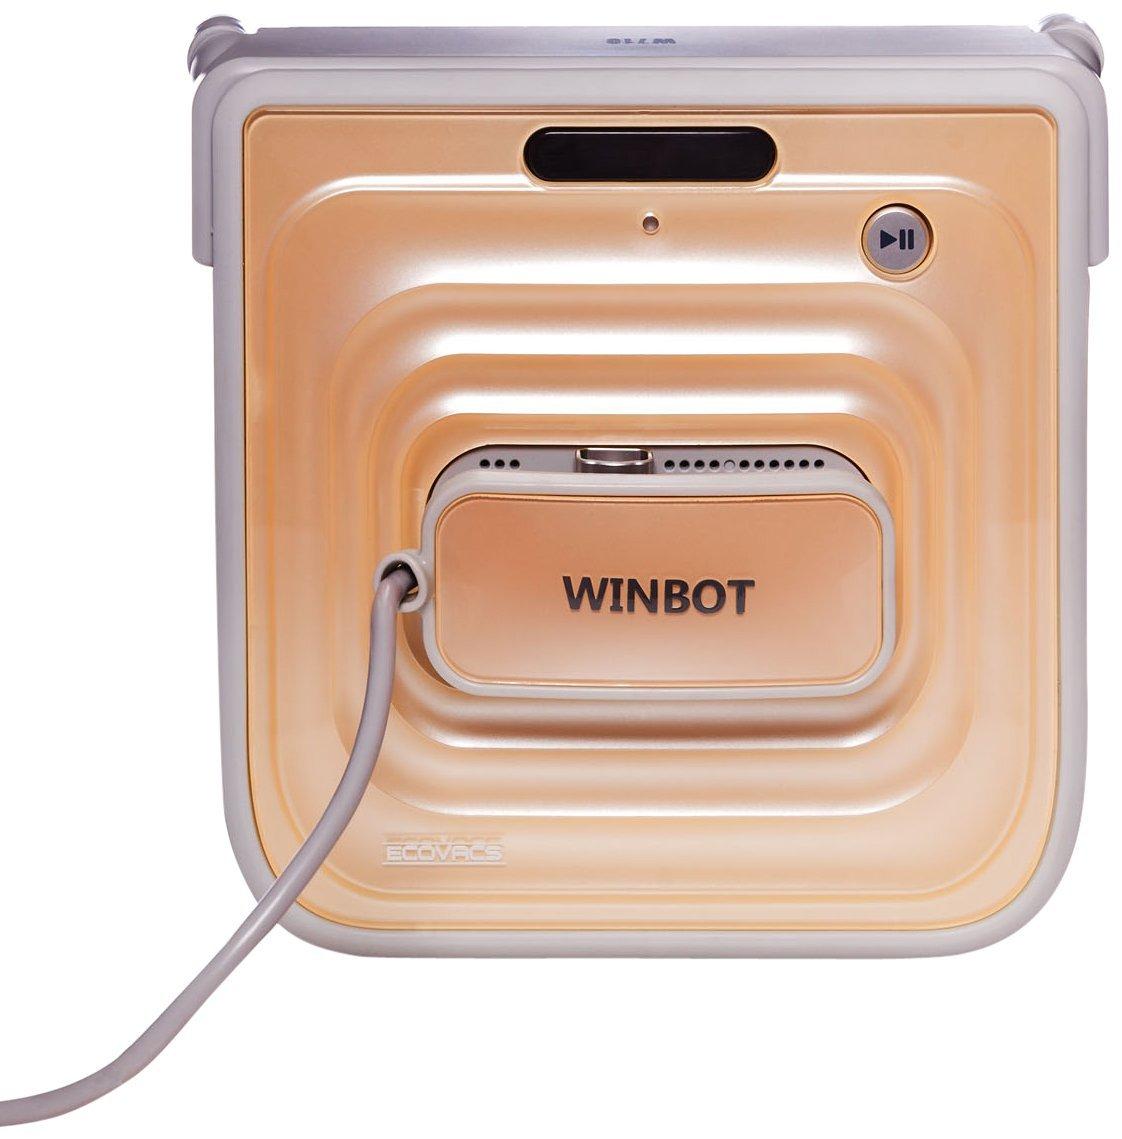 """Der """"Ecovacs W710 Winbot Fensterreinigungs-Roboter"""" – der R2D2 für die Fenster"""